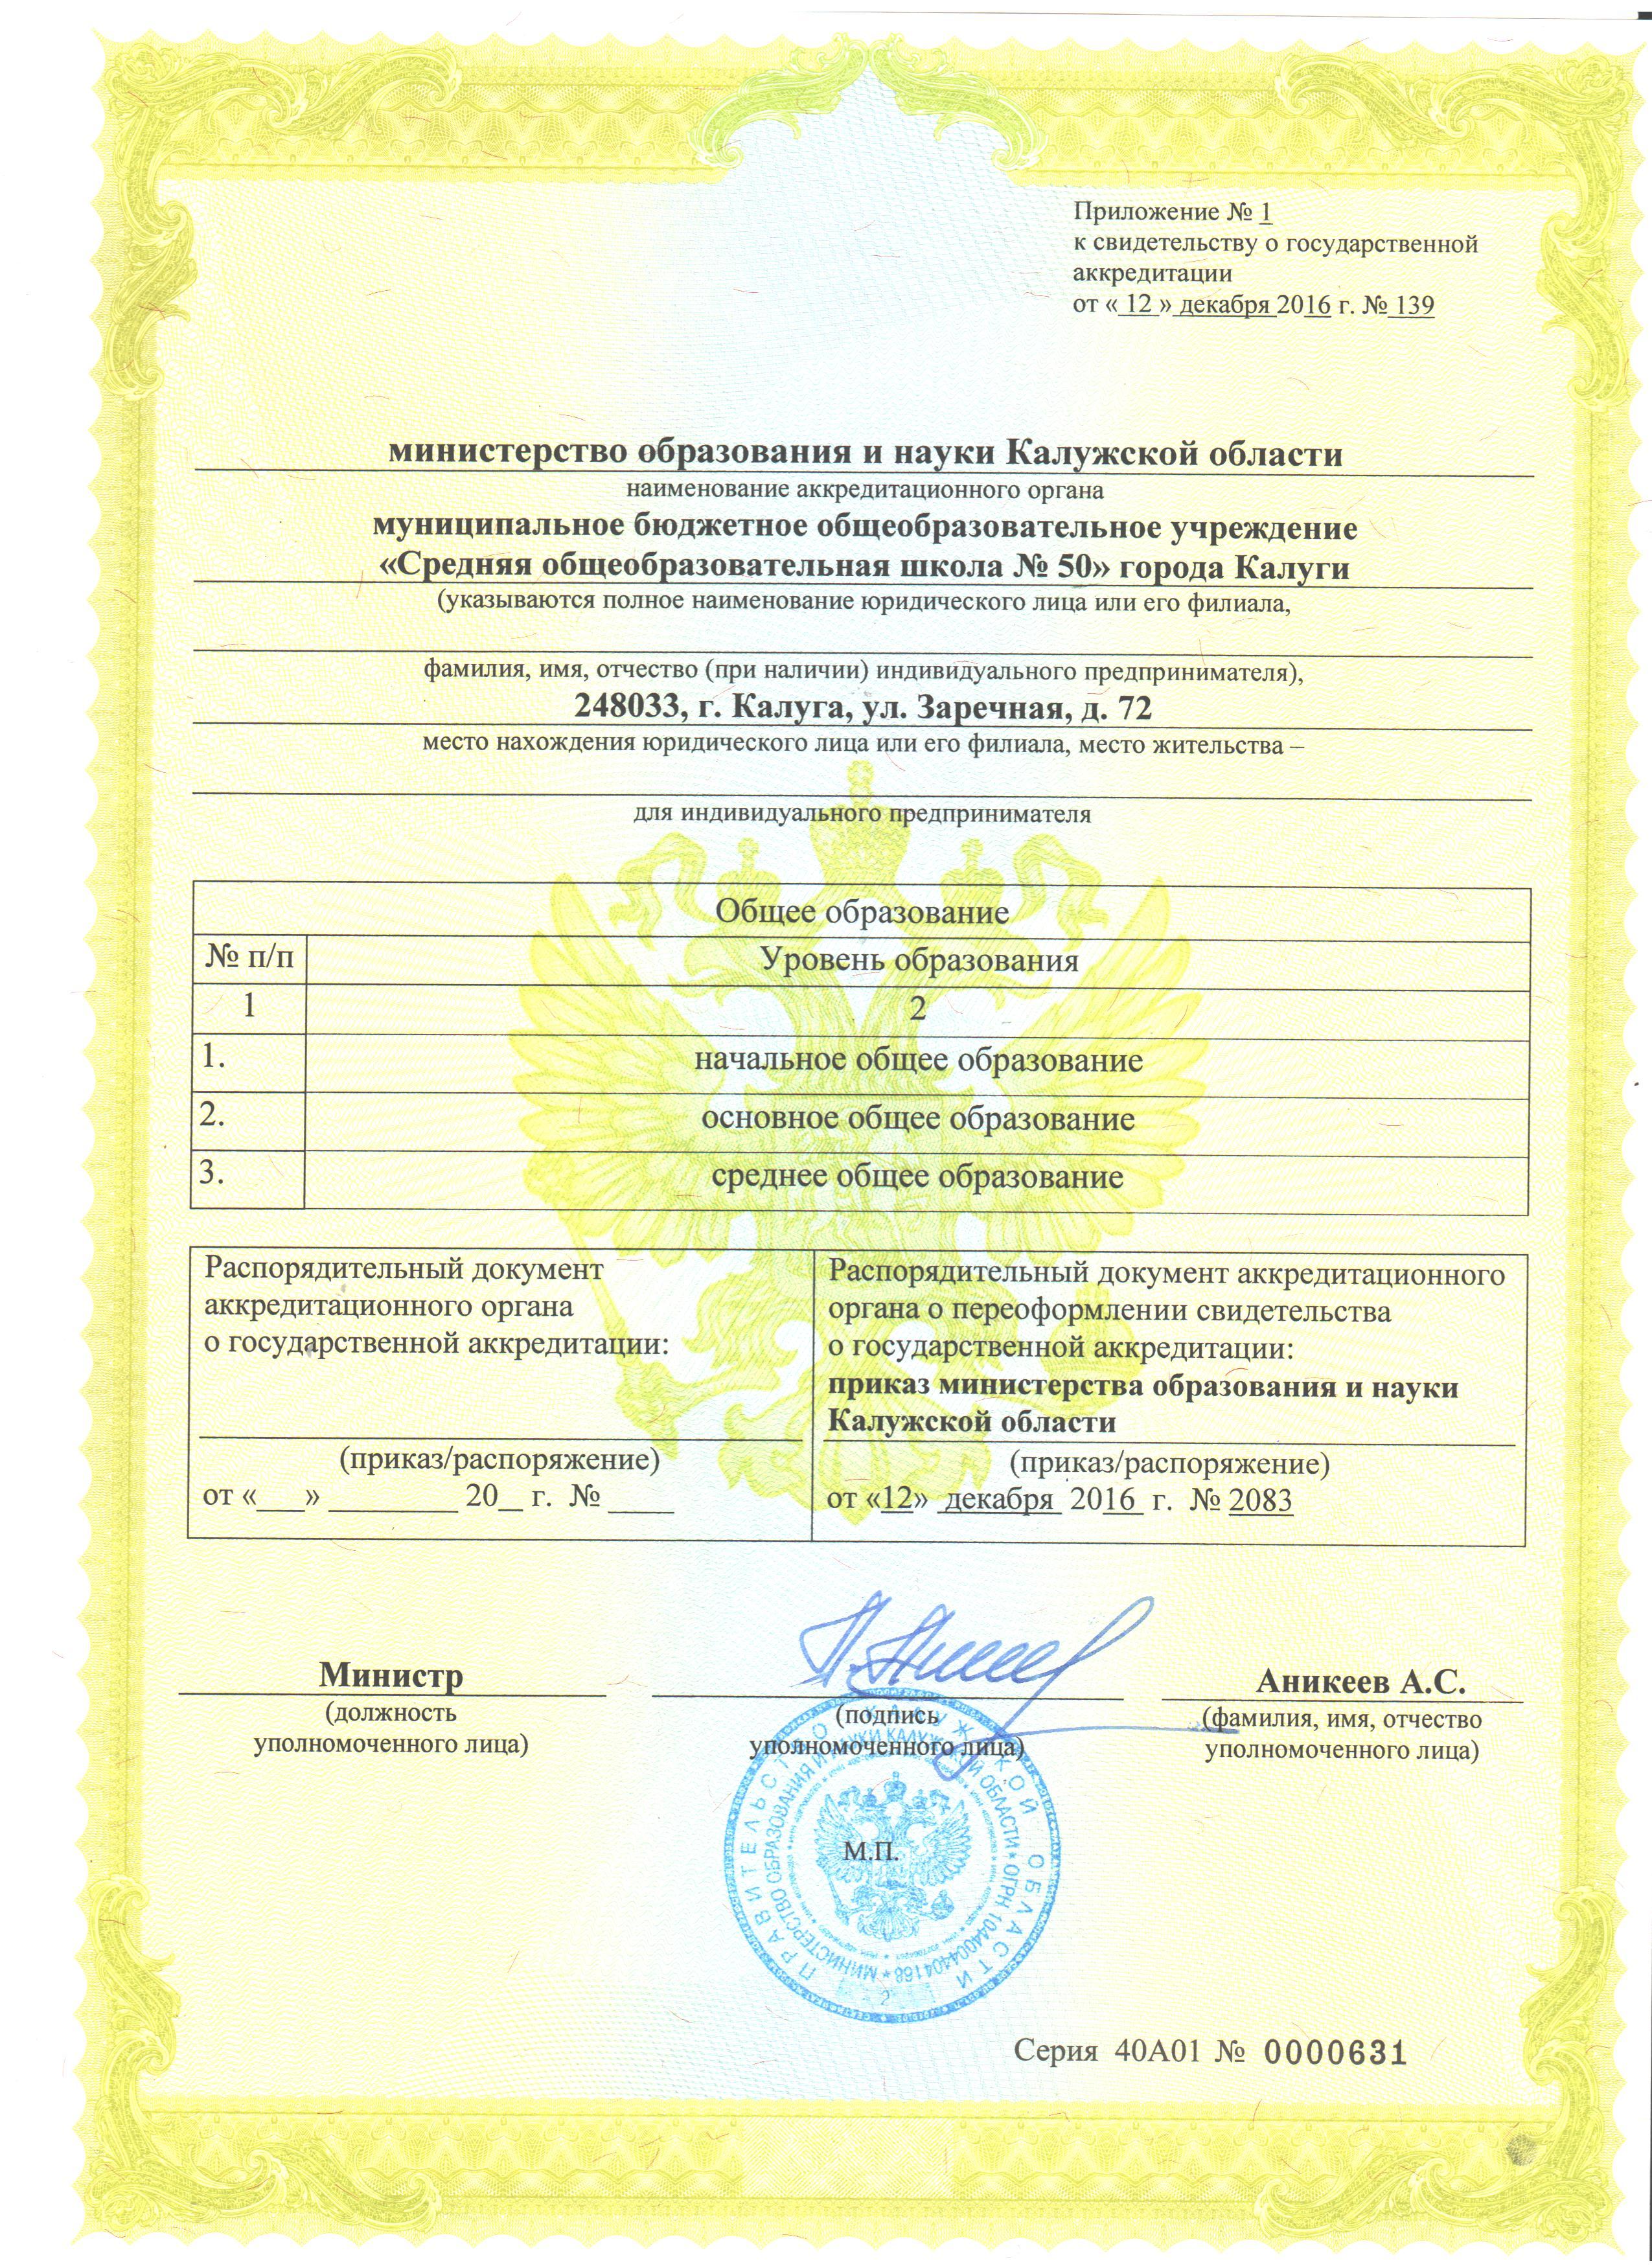 Приложение к свидетельству об аккредитации